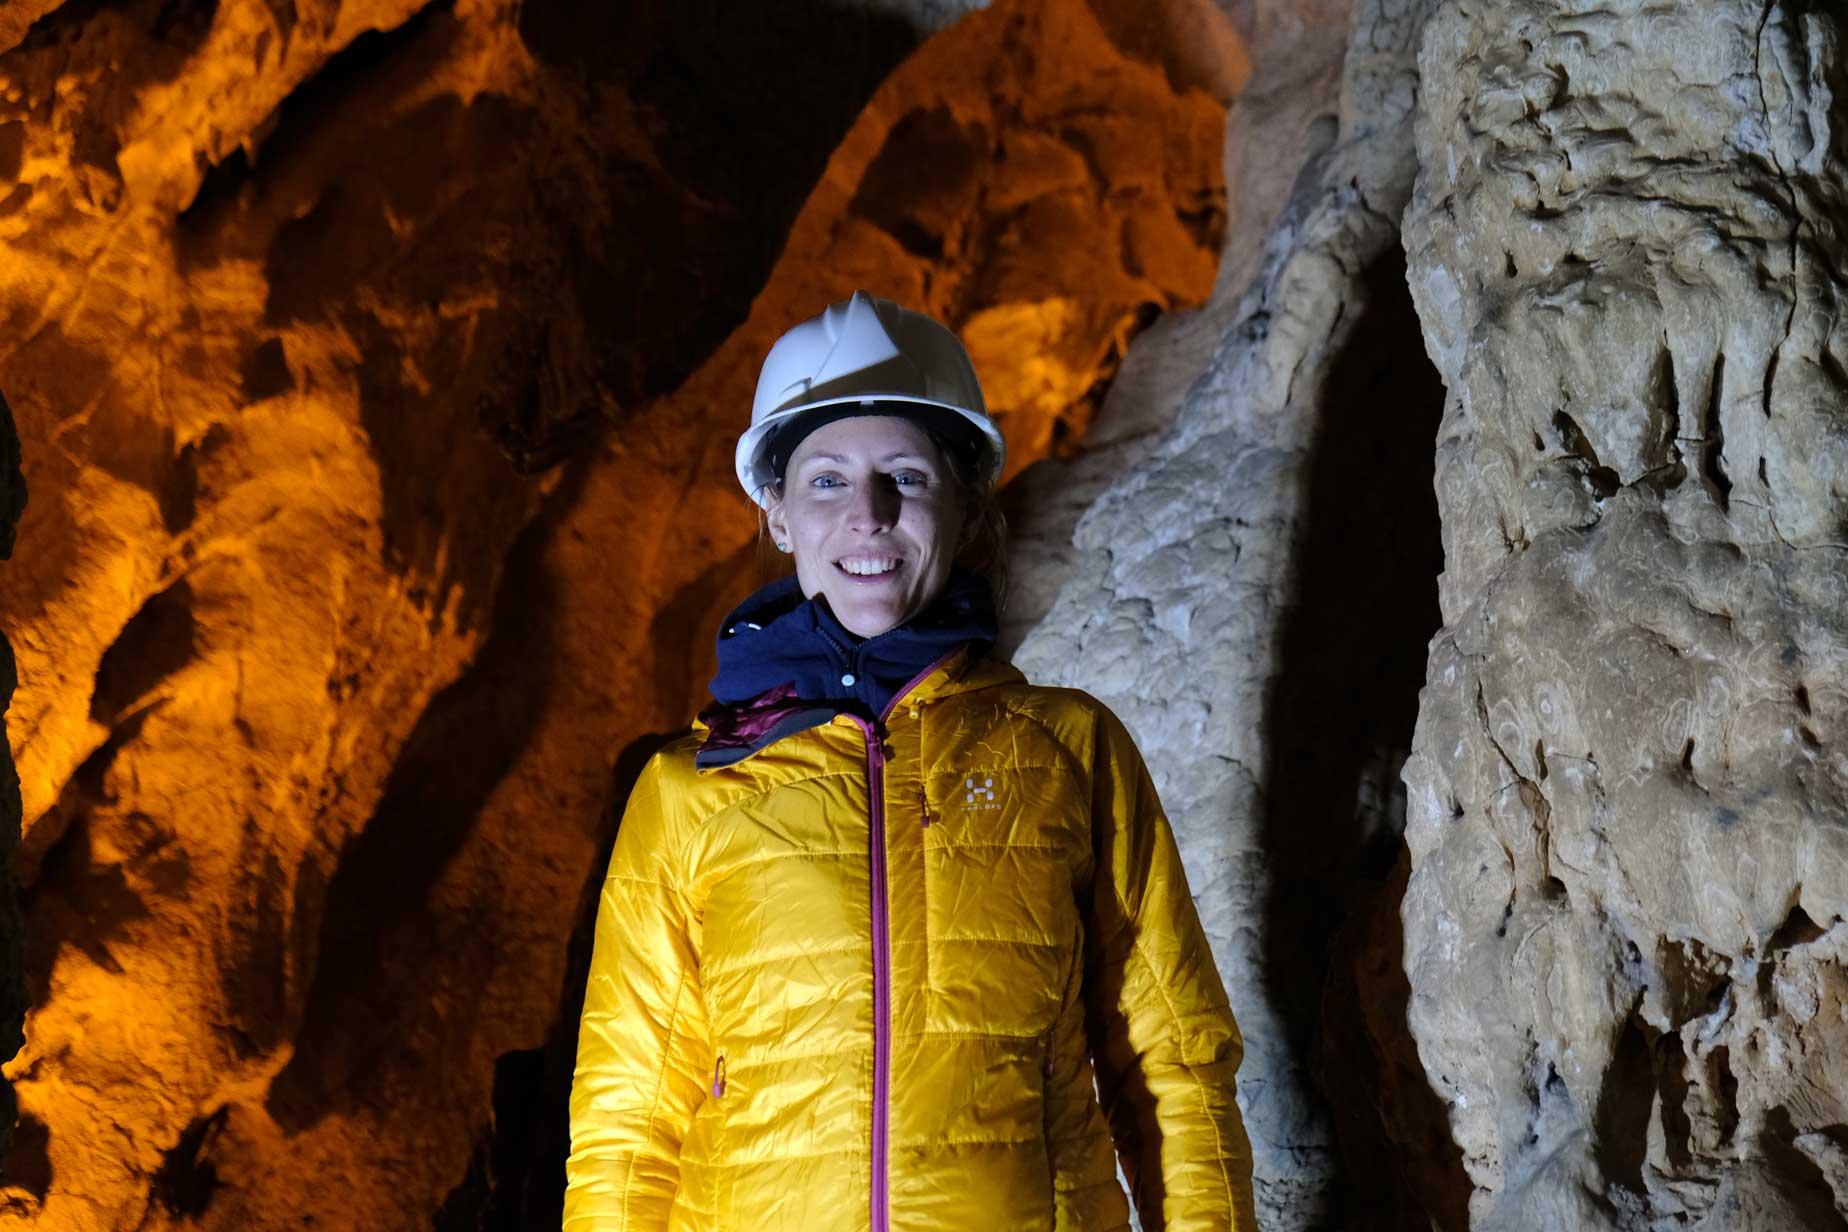 Die Expeditionsleitung begrüßt uns zum Höhlenrundgang :-)